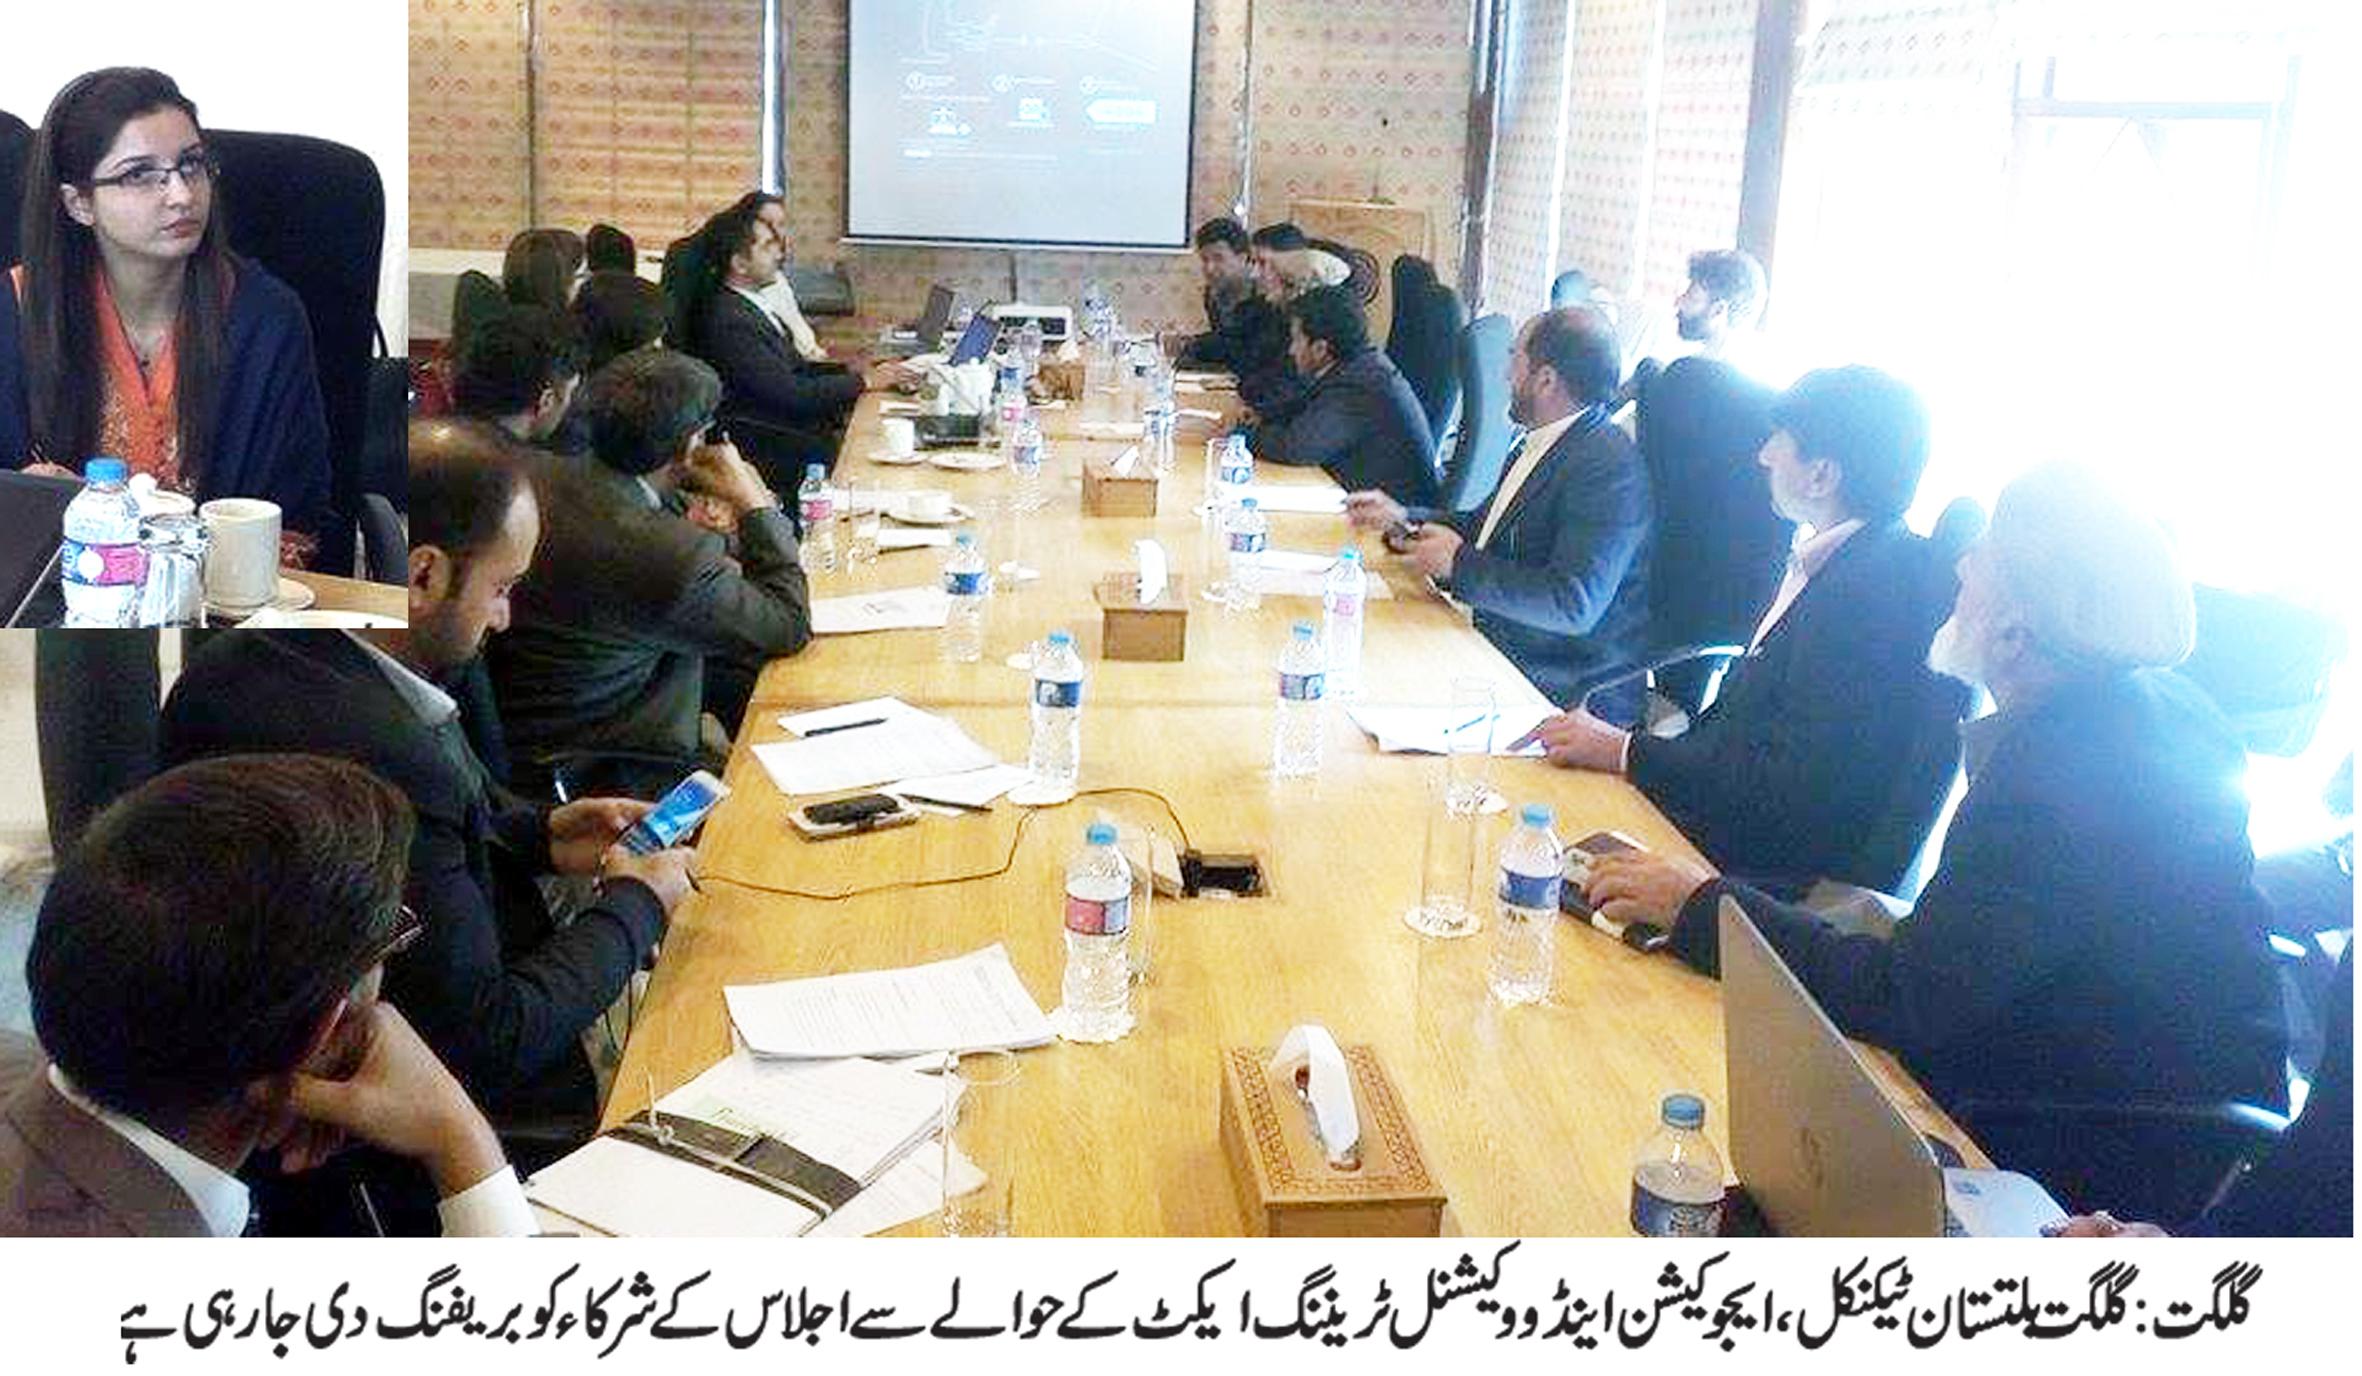 سی پیک منصوبے کے لئے تربیت یافتہ تکنیکی مہارت رکھنے والے افراد کی مانگ بڑھ جائے گی، ثنا اللہ سیکریٹری تعلیم